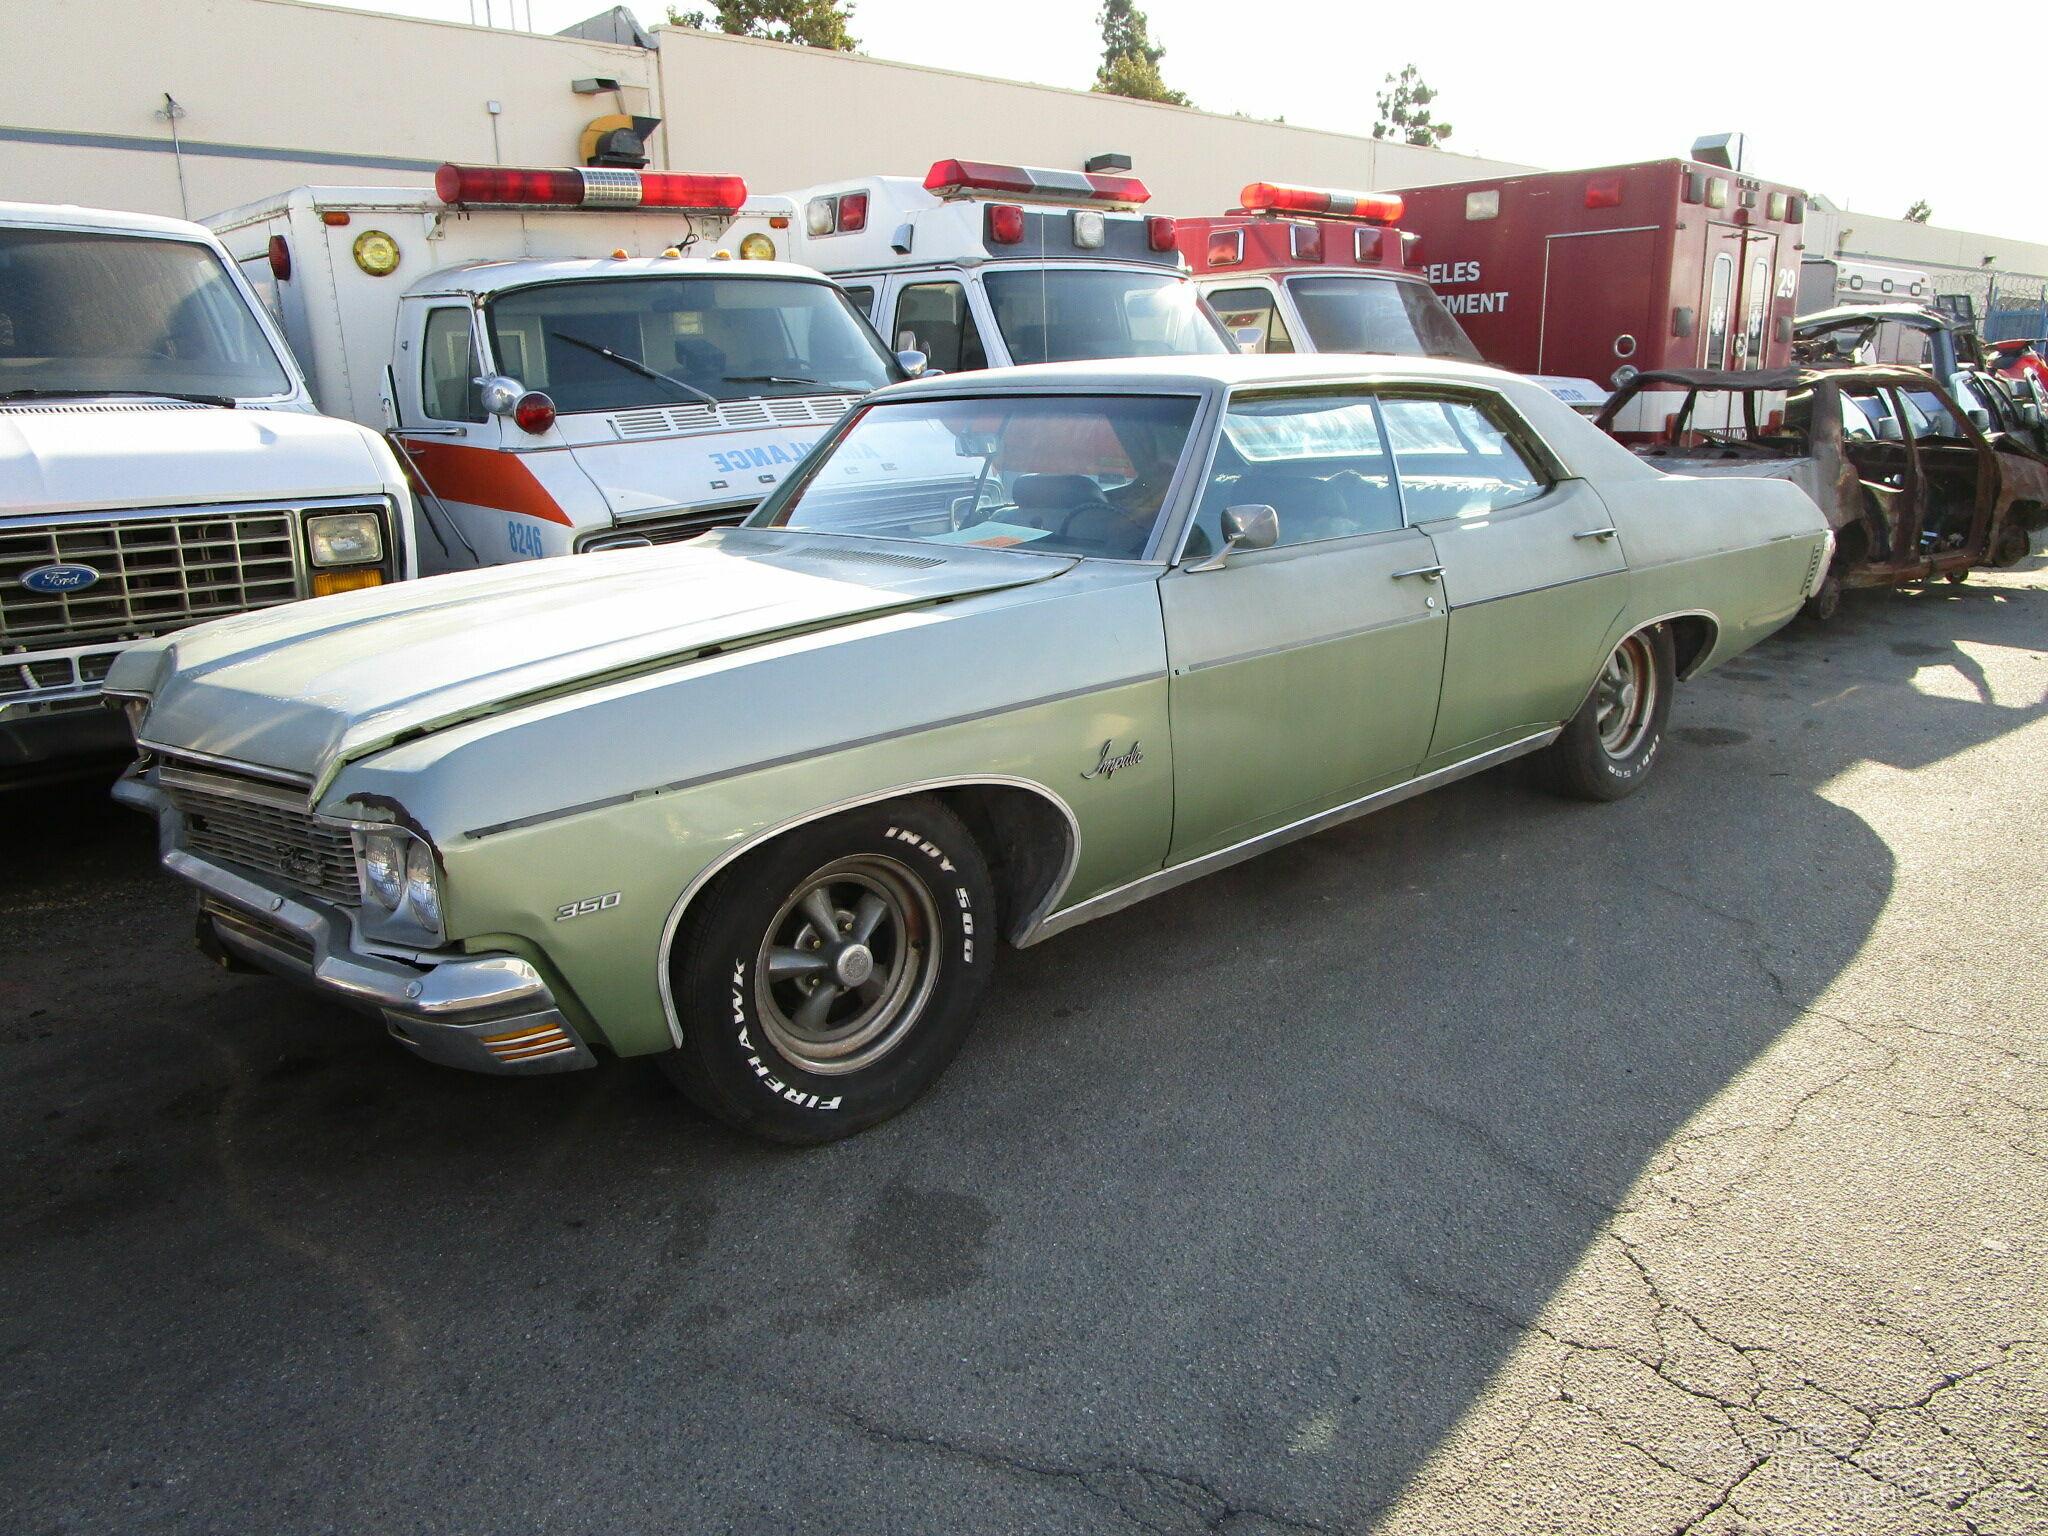 Chevy Impala | Studio Picture Vehicles